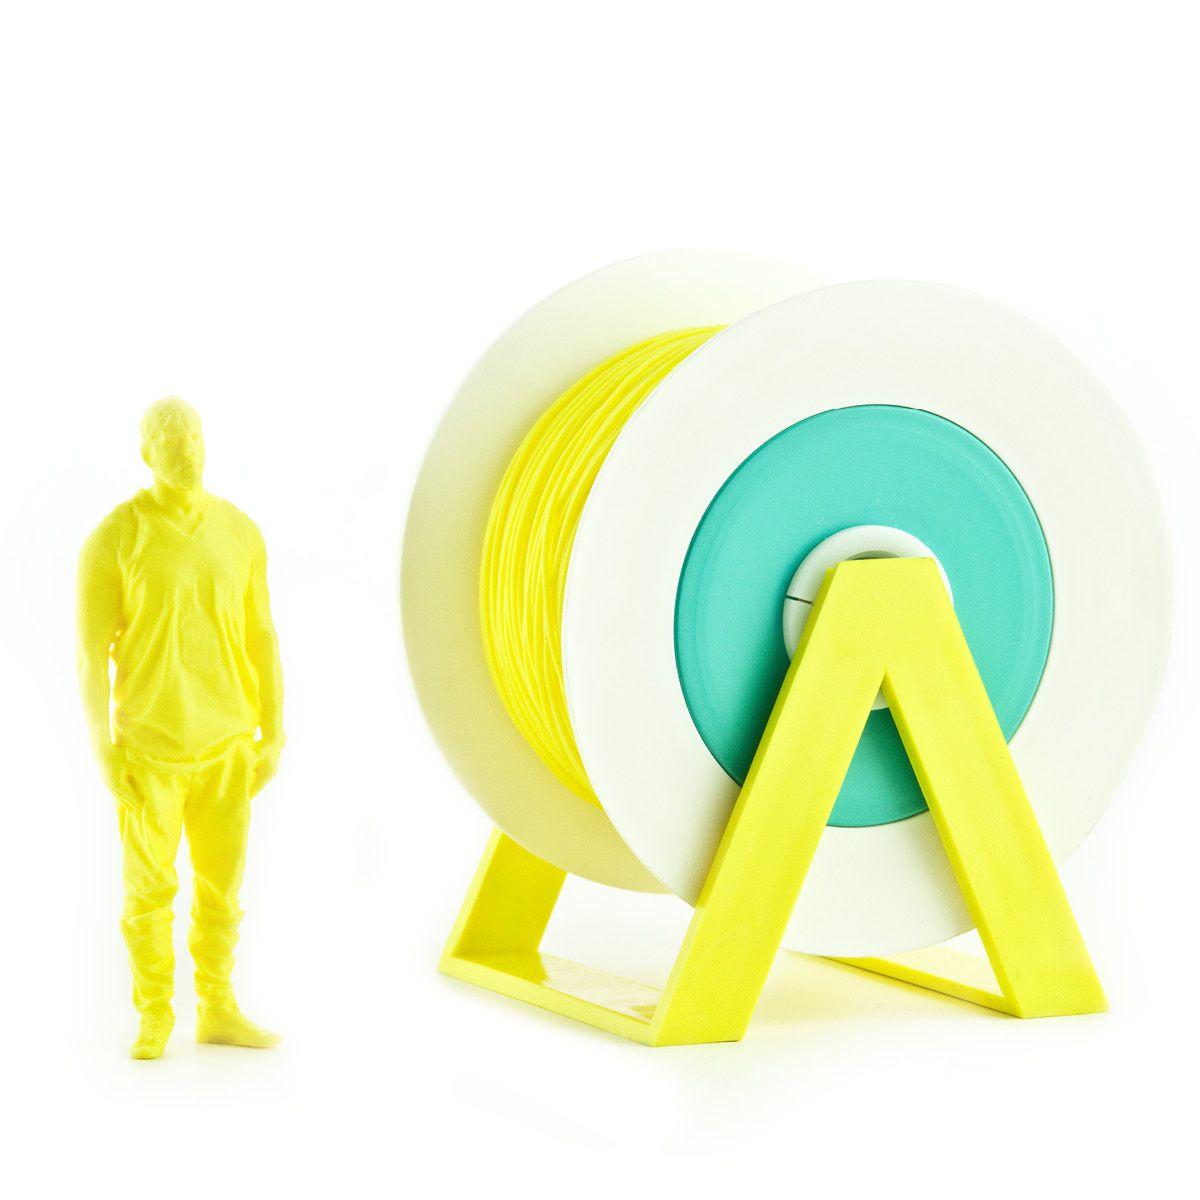 PLA Filament | Color: Vivid Yellow